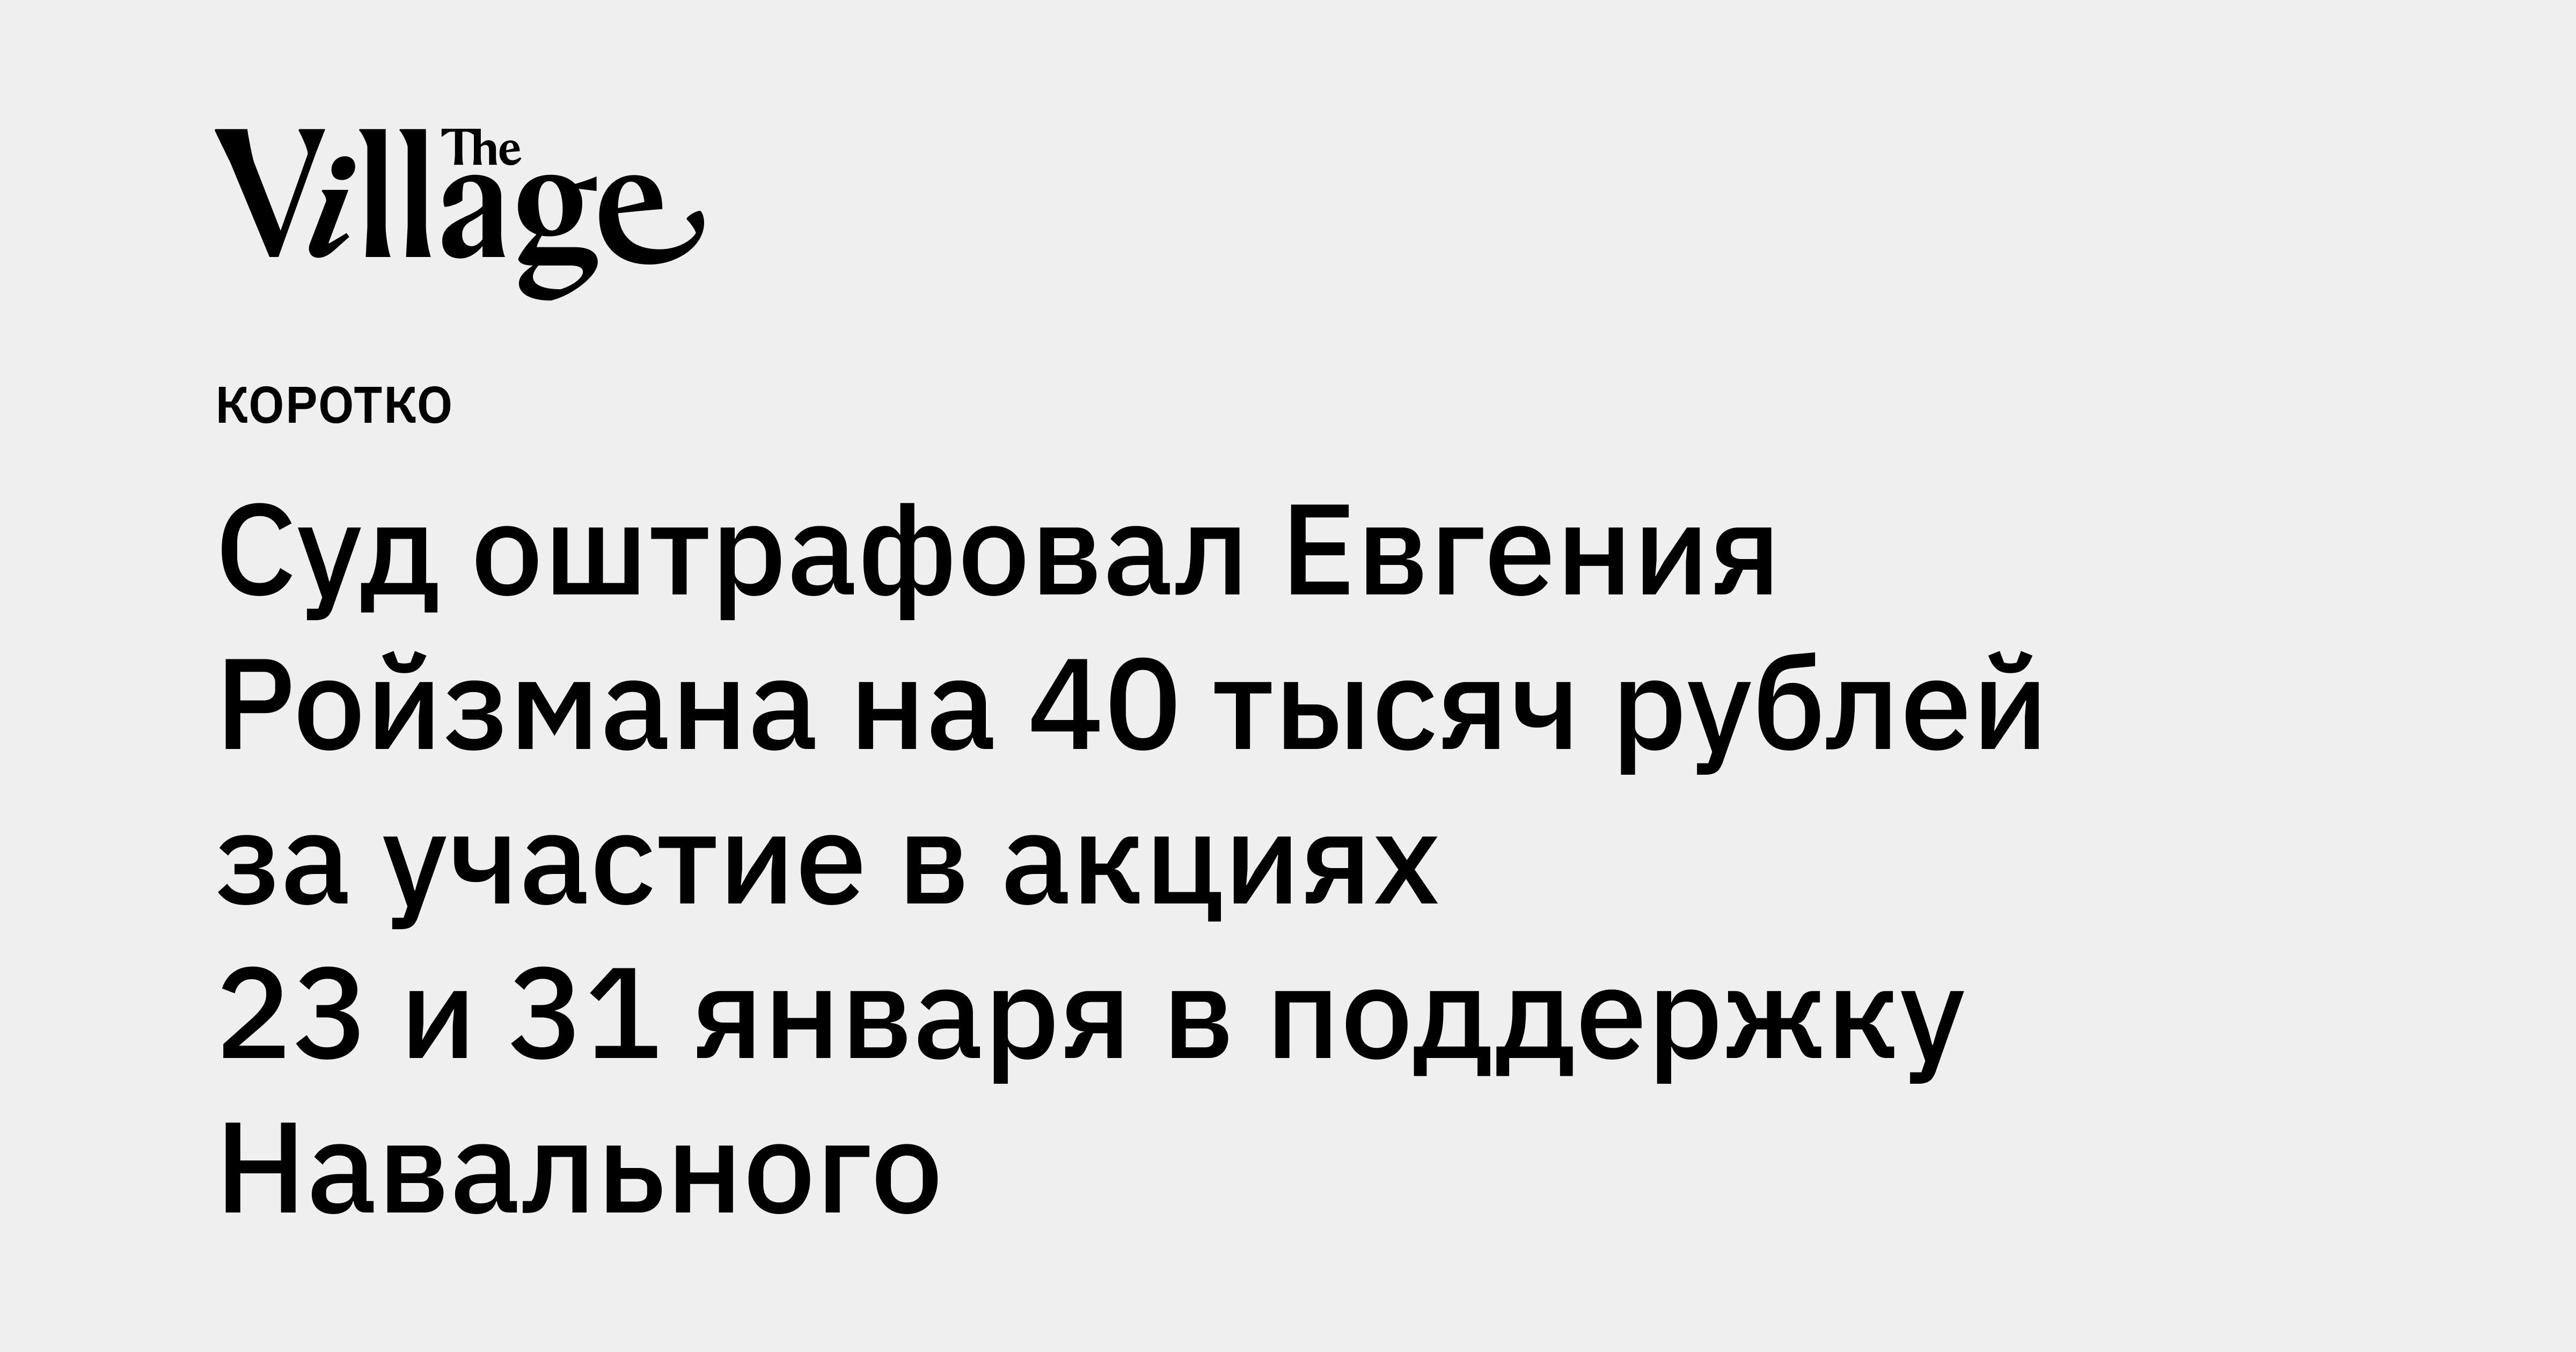 Суд оштрафовал Евгения Ройзмана на40тысяч рублей заучастие вакциях 23и31января вподдержку Навального